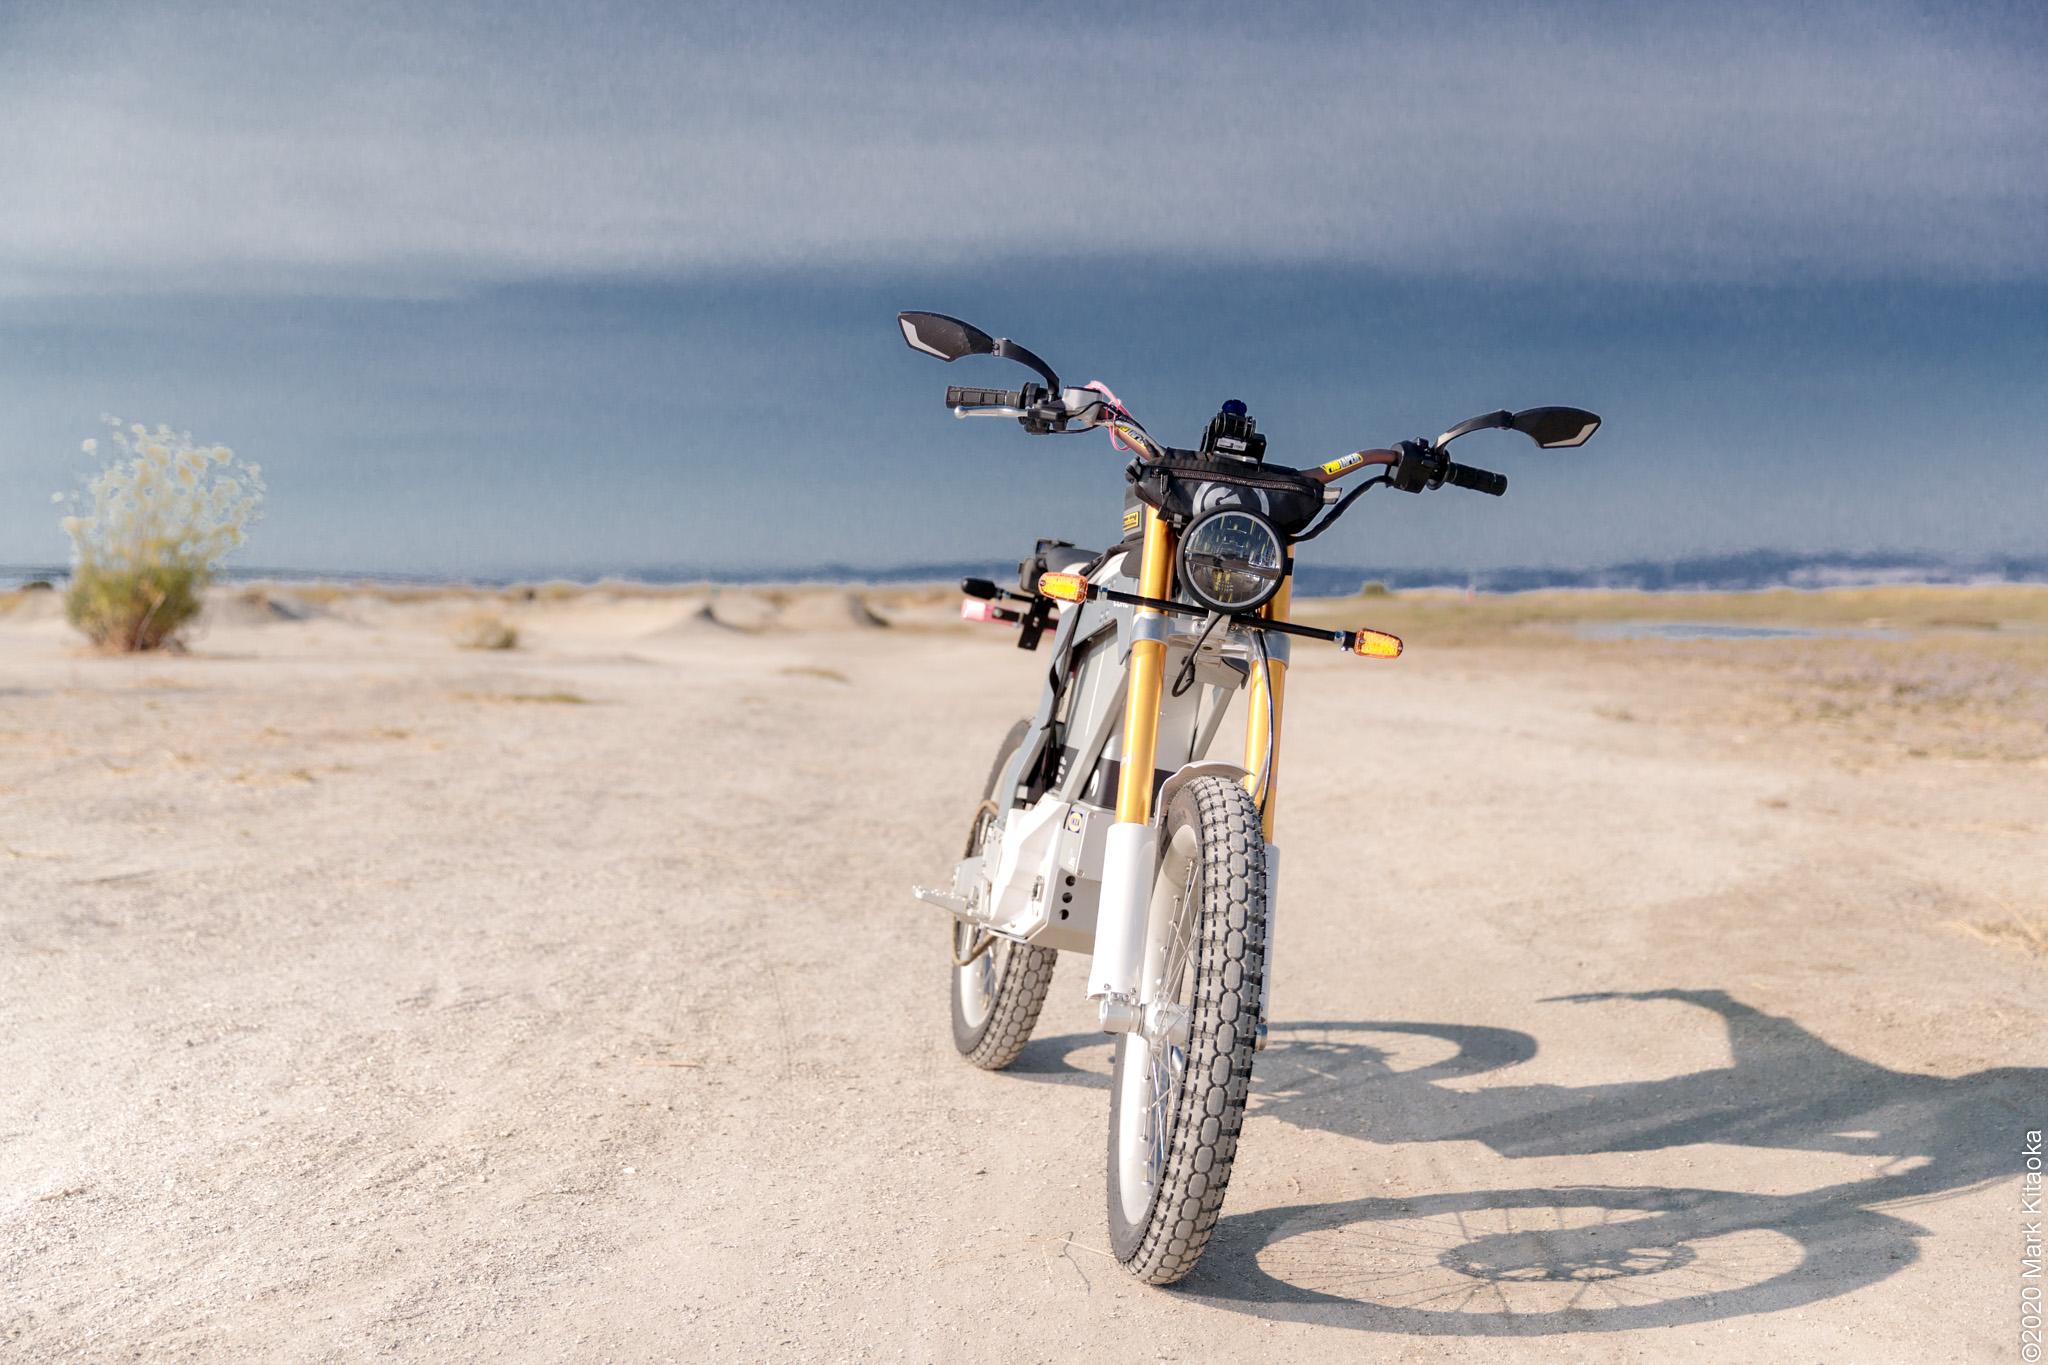 Kalk motorcycle on off road beach